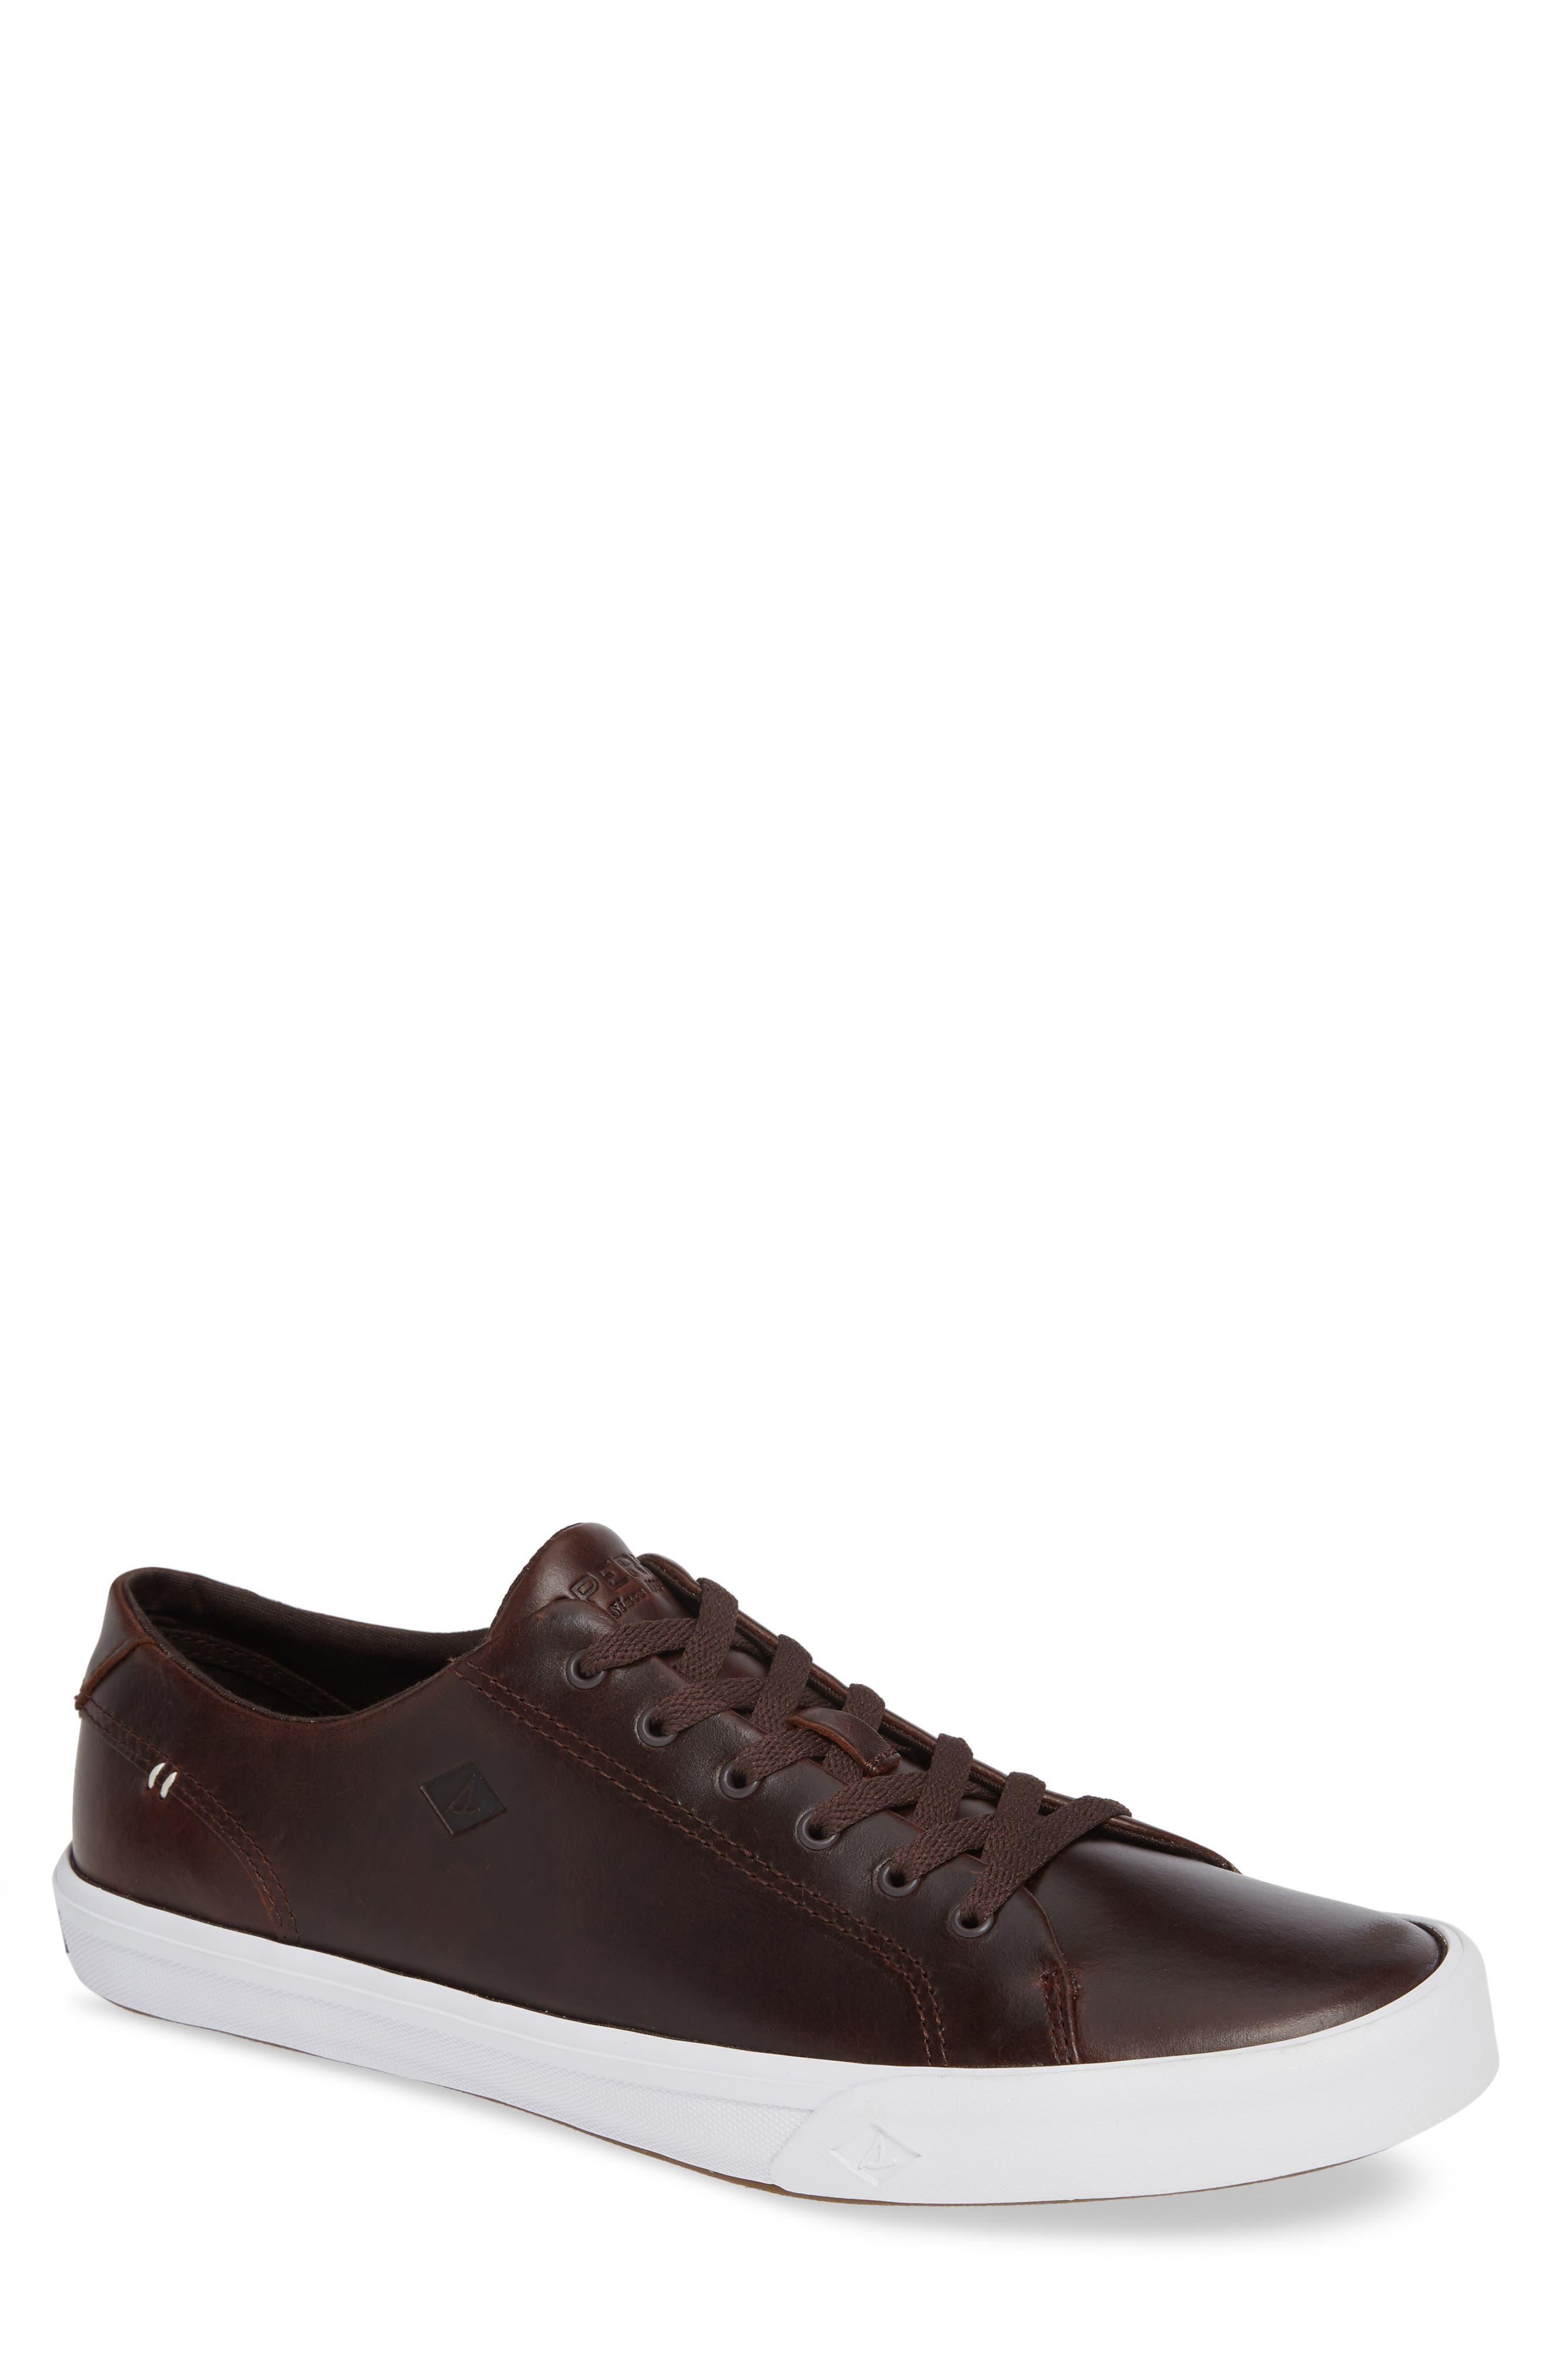 Striper II Sneaker, Main, color, AMARETTO LEATHER